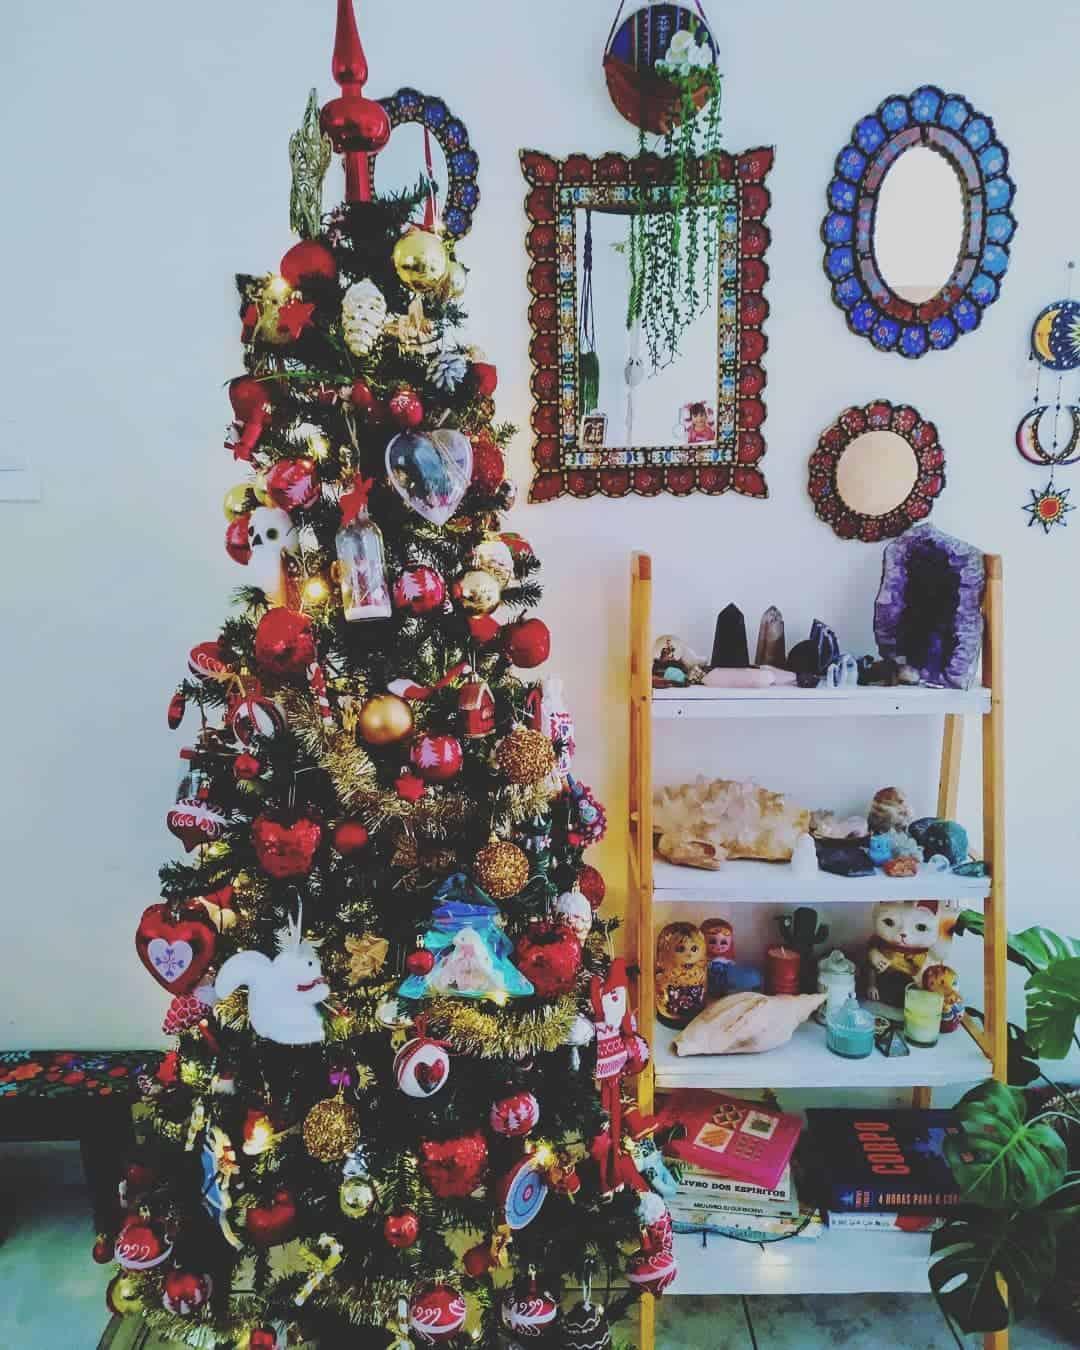 Data da montagem da árvore de Natal é 29 de novembro de 2020.